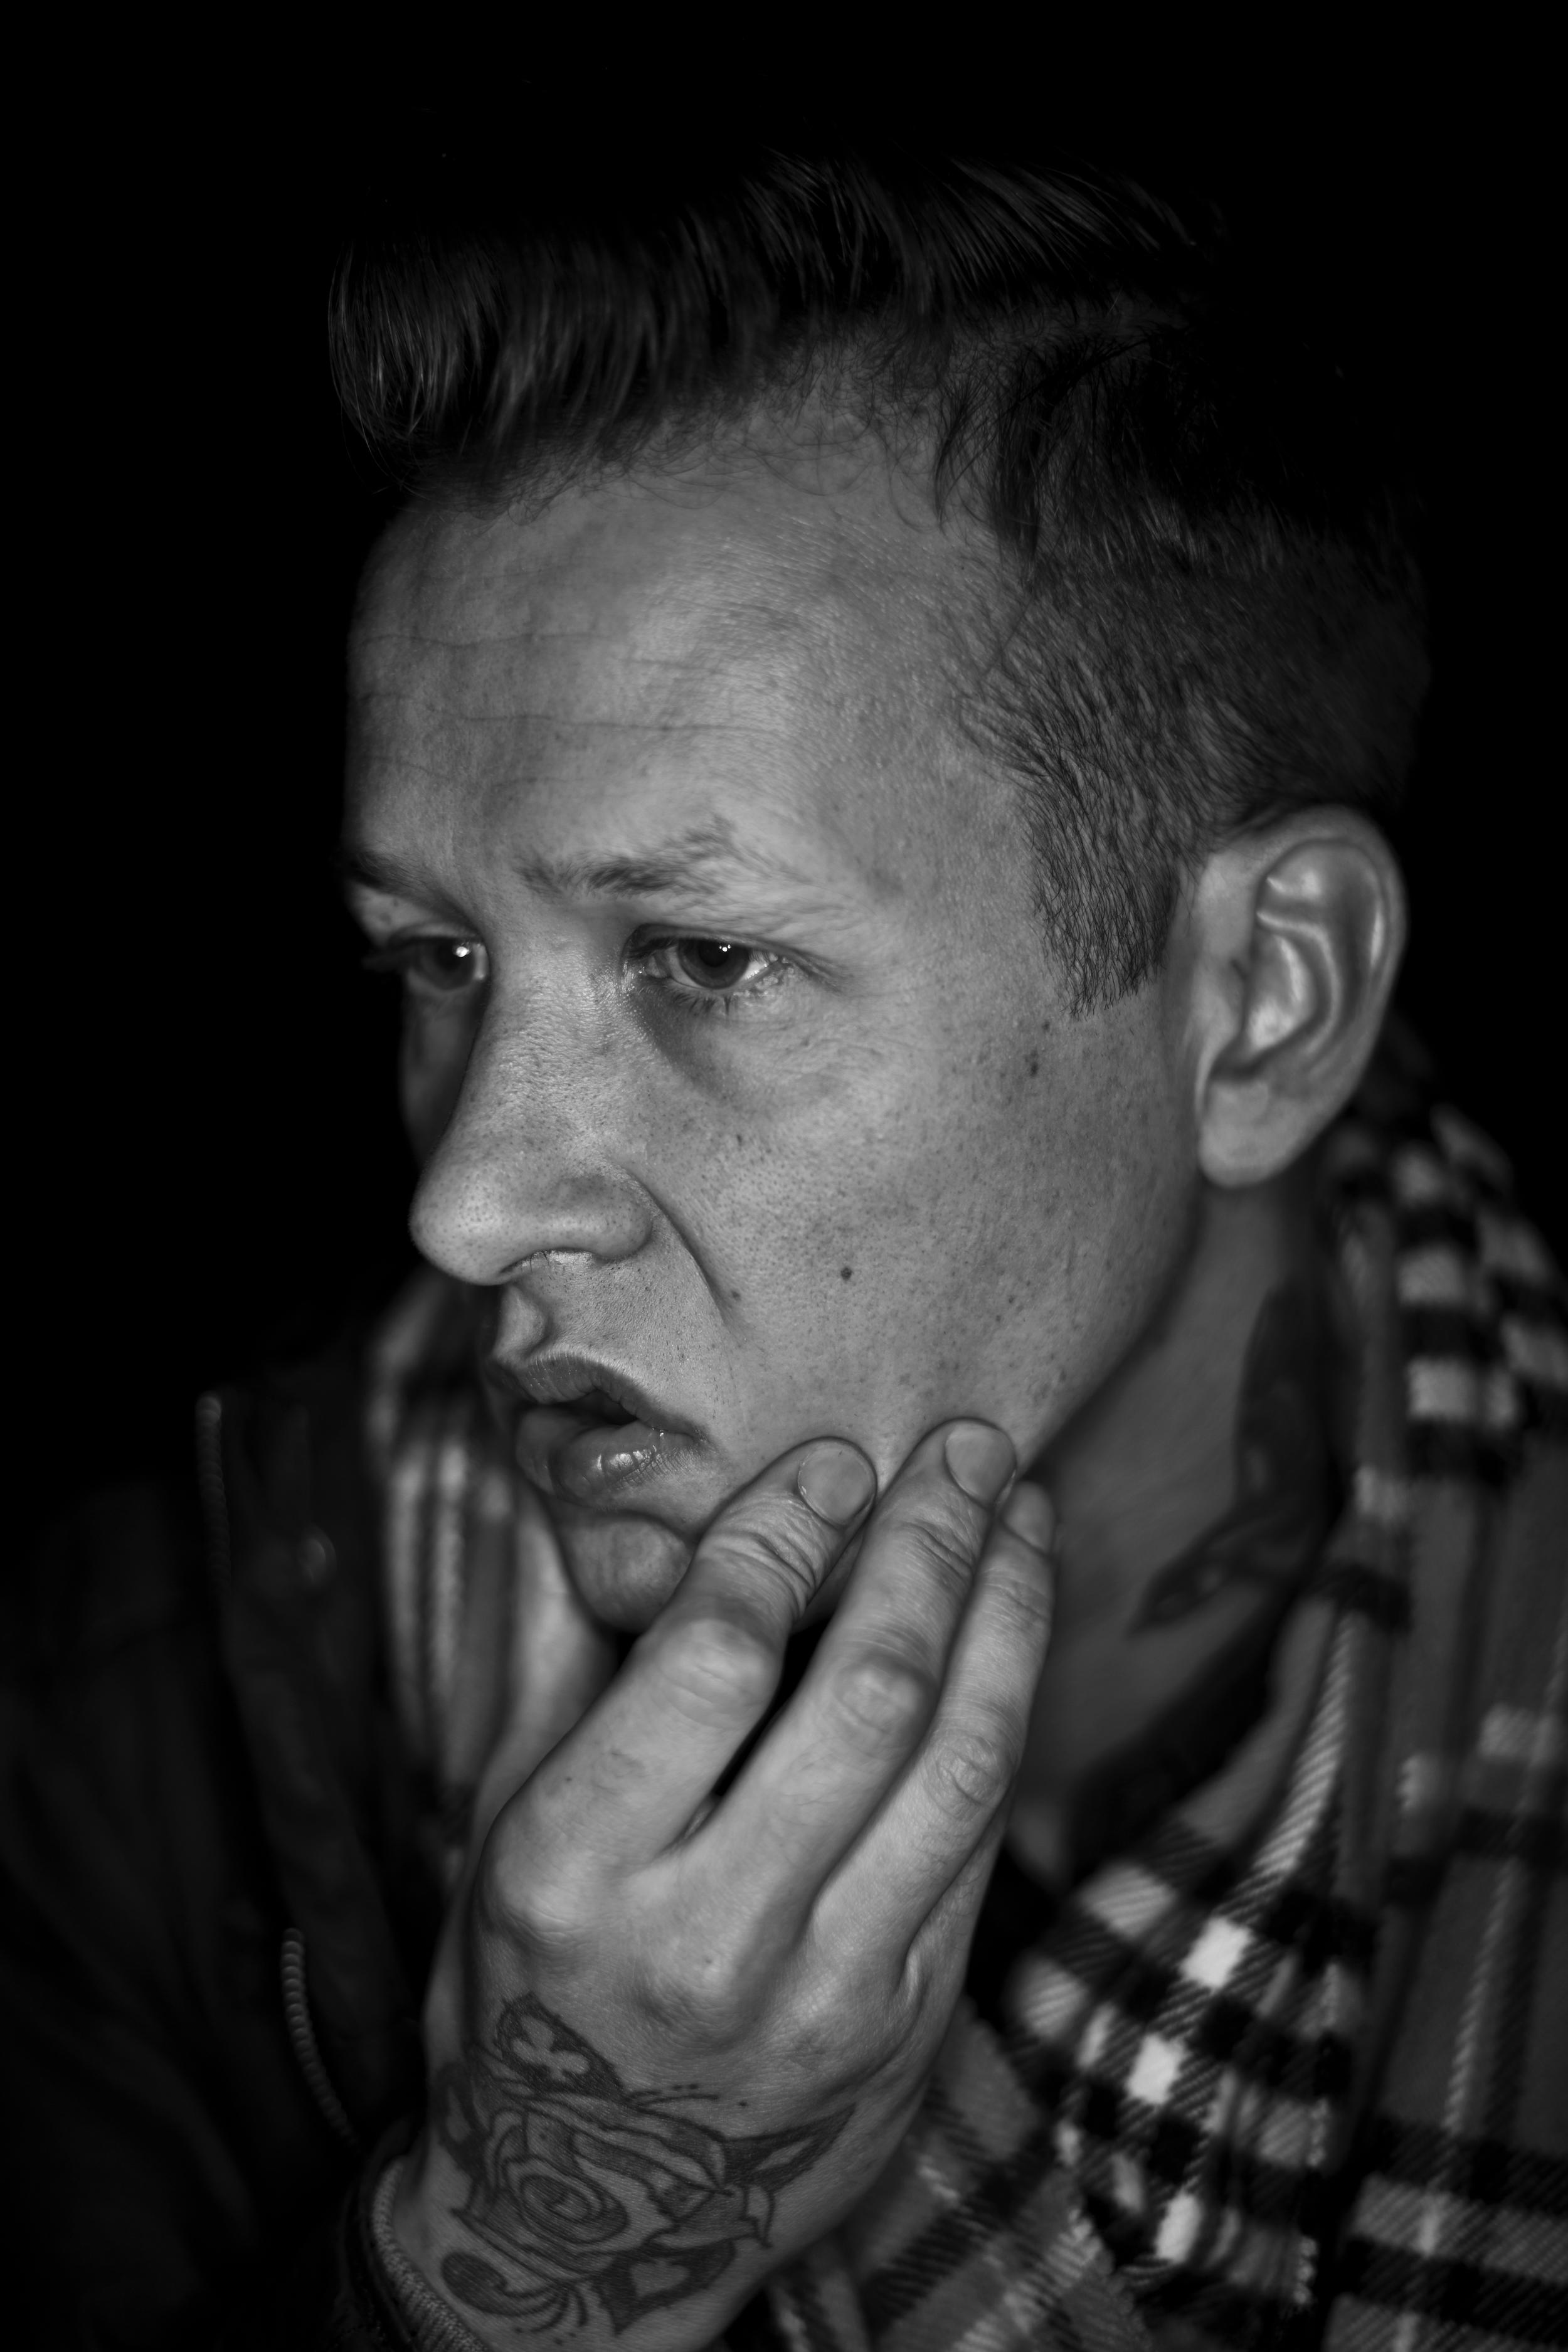 John Olav Nilsen